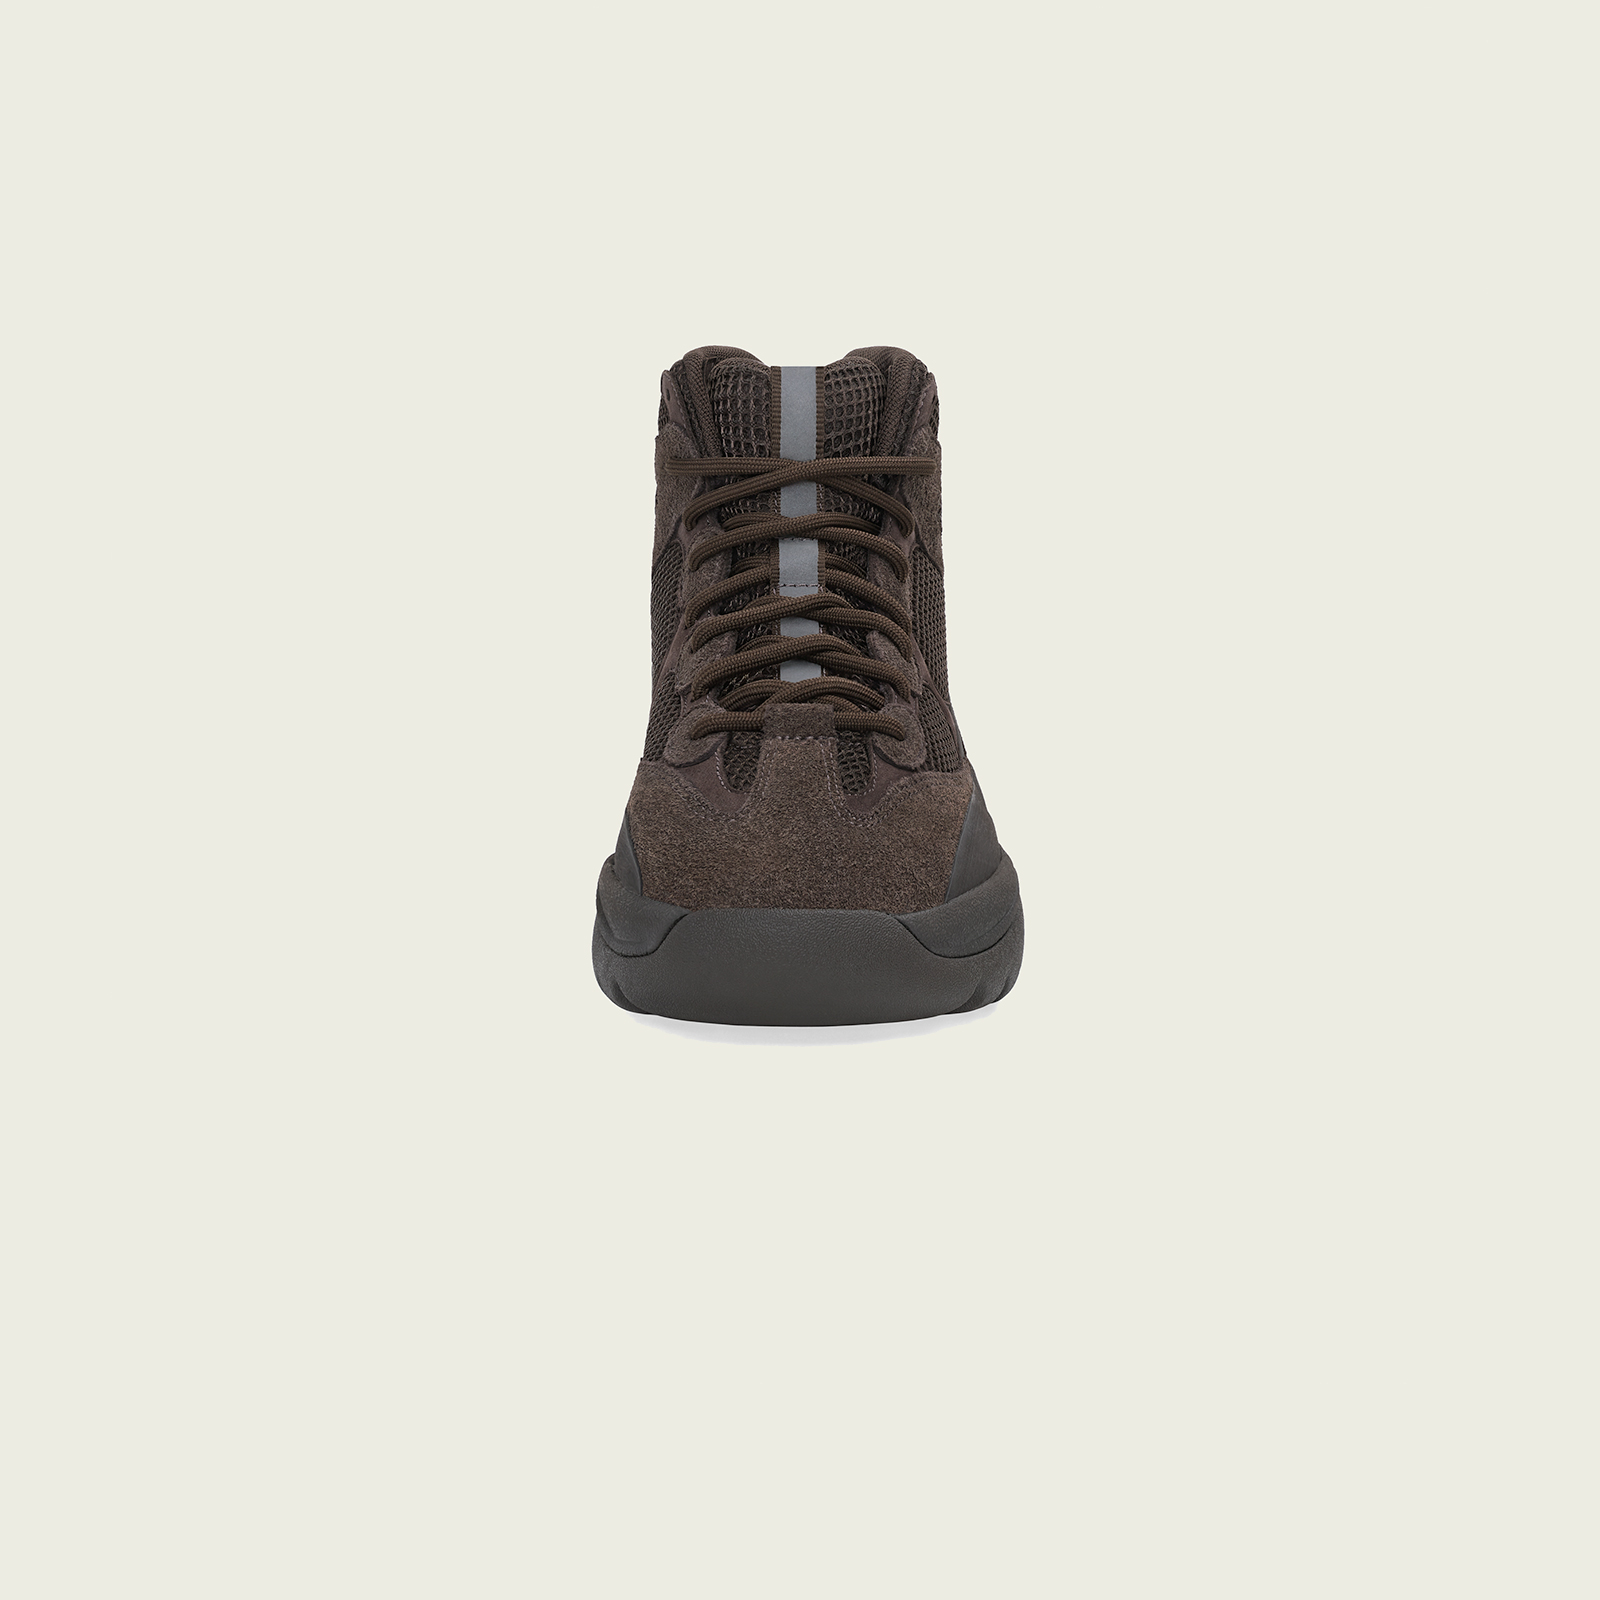 03-adidas-yeezy-desert-boot-oil-eg6463